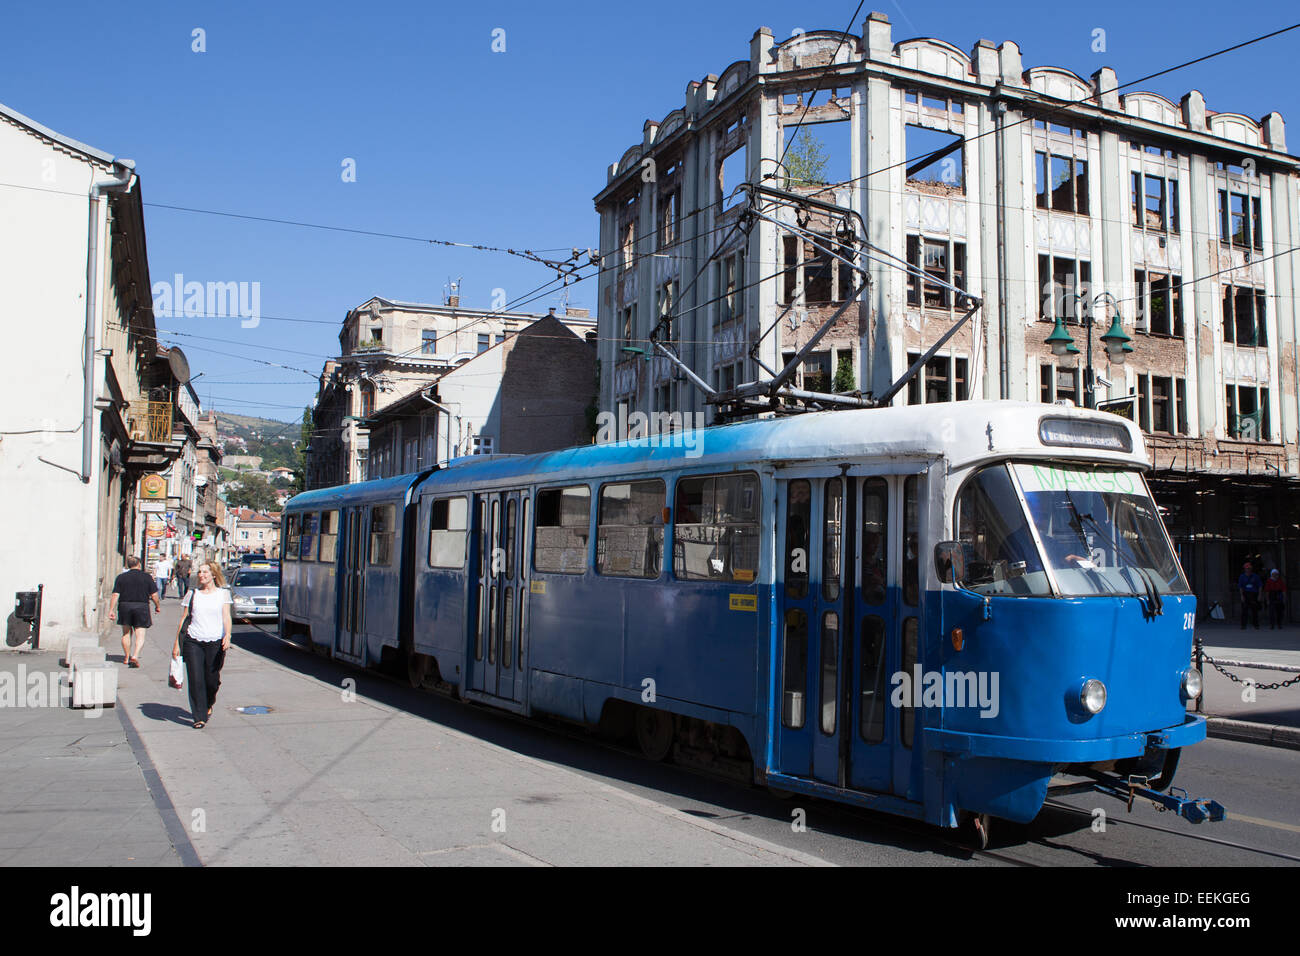 A tram on Mula Mustafe Bašeskije Street, in background a building damaged by bombs. Sarajevo, Bosnia-Herzegovina Stock Photo